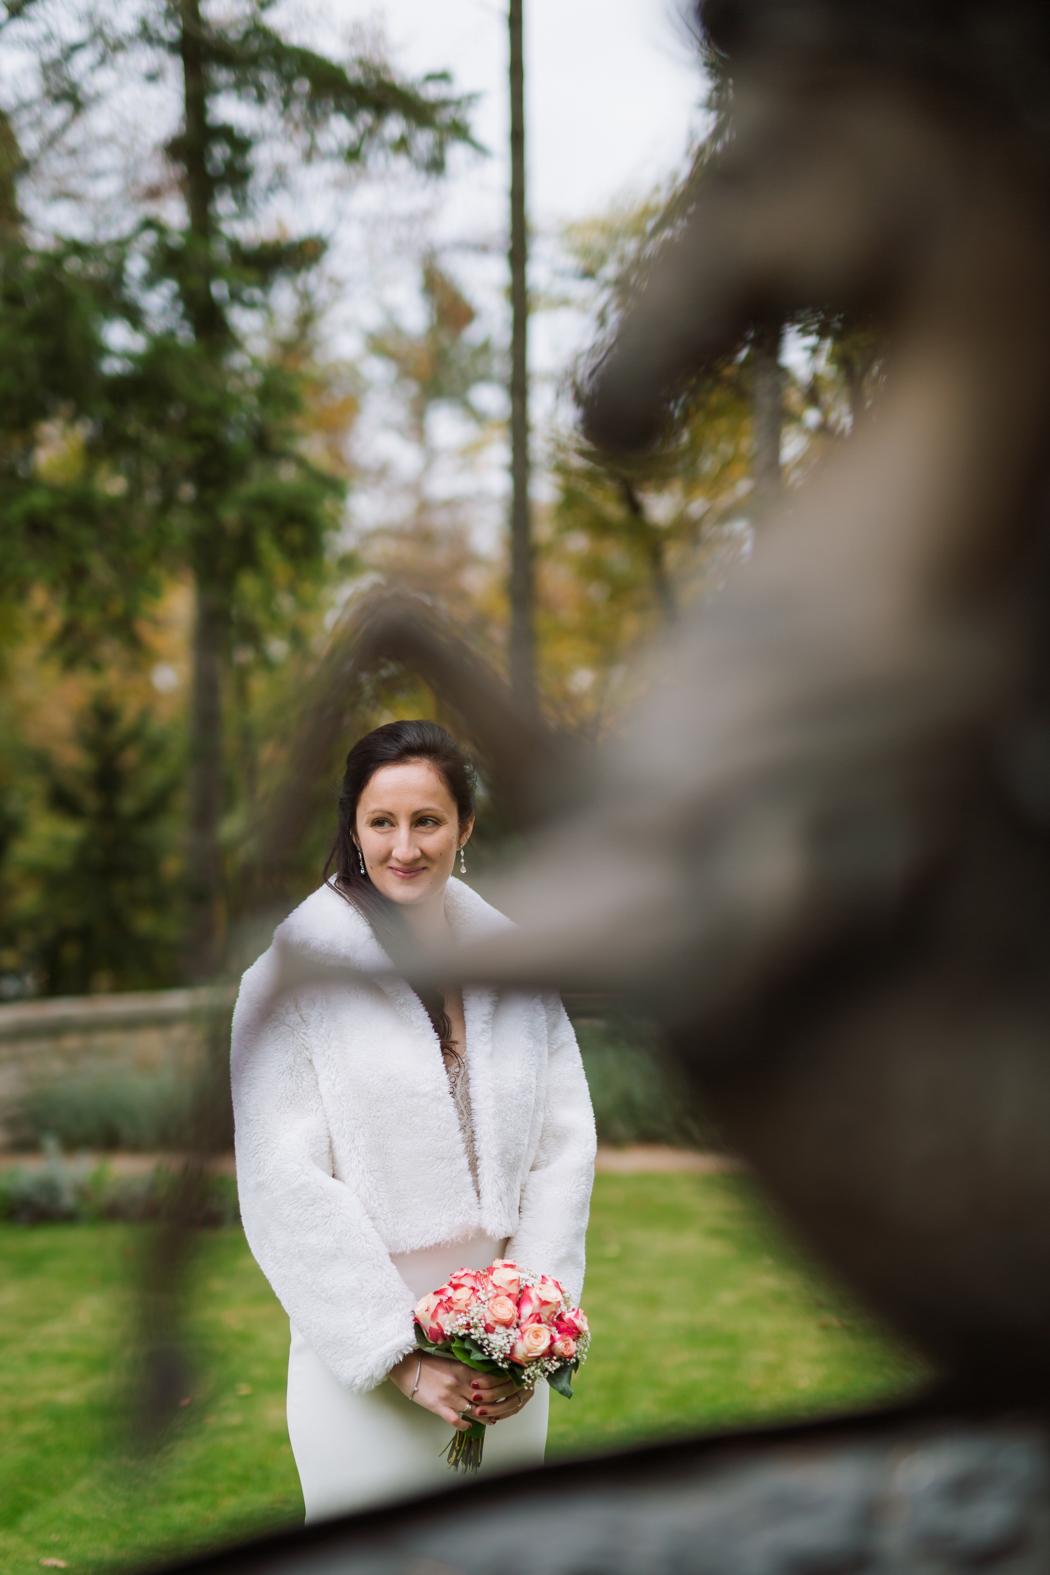 Hochzeitsfotos-Saalfeld-Voigtlaender-Zeuner (4)